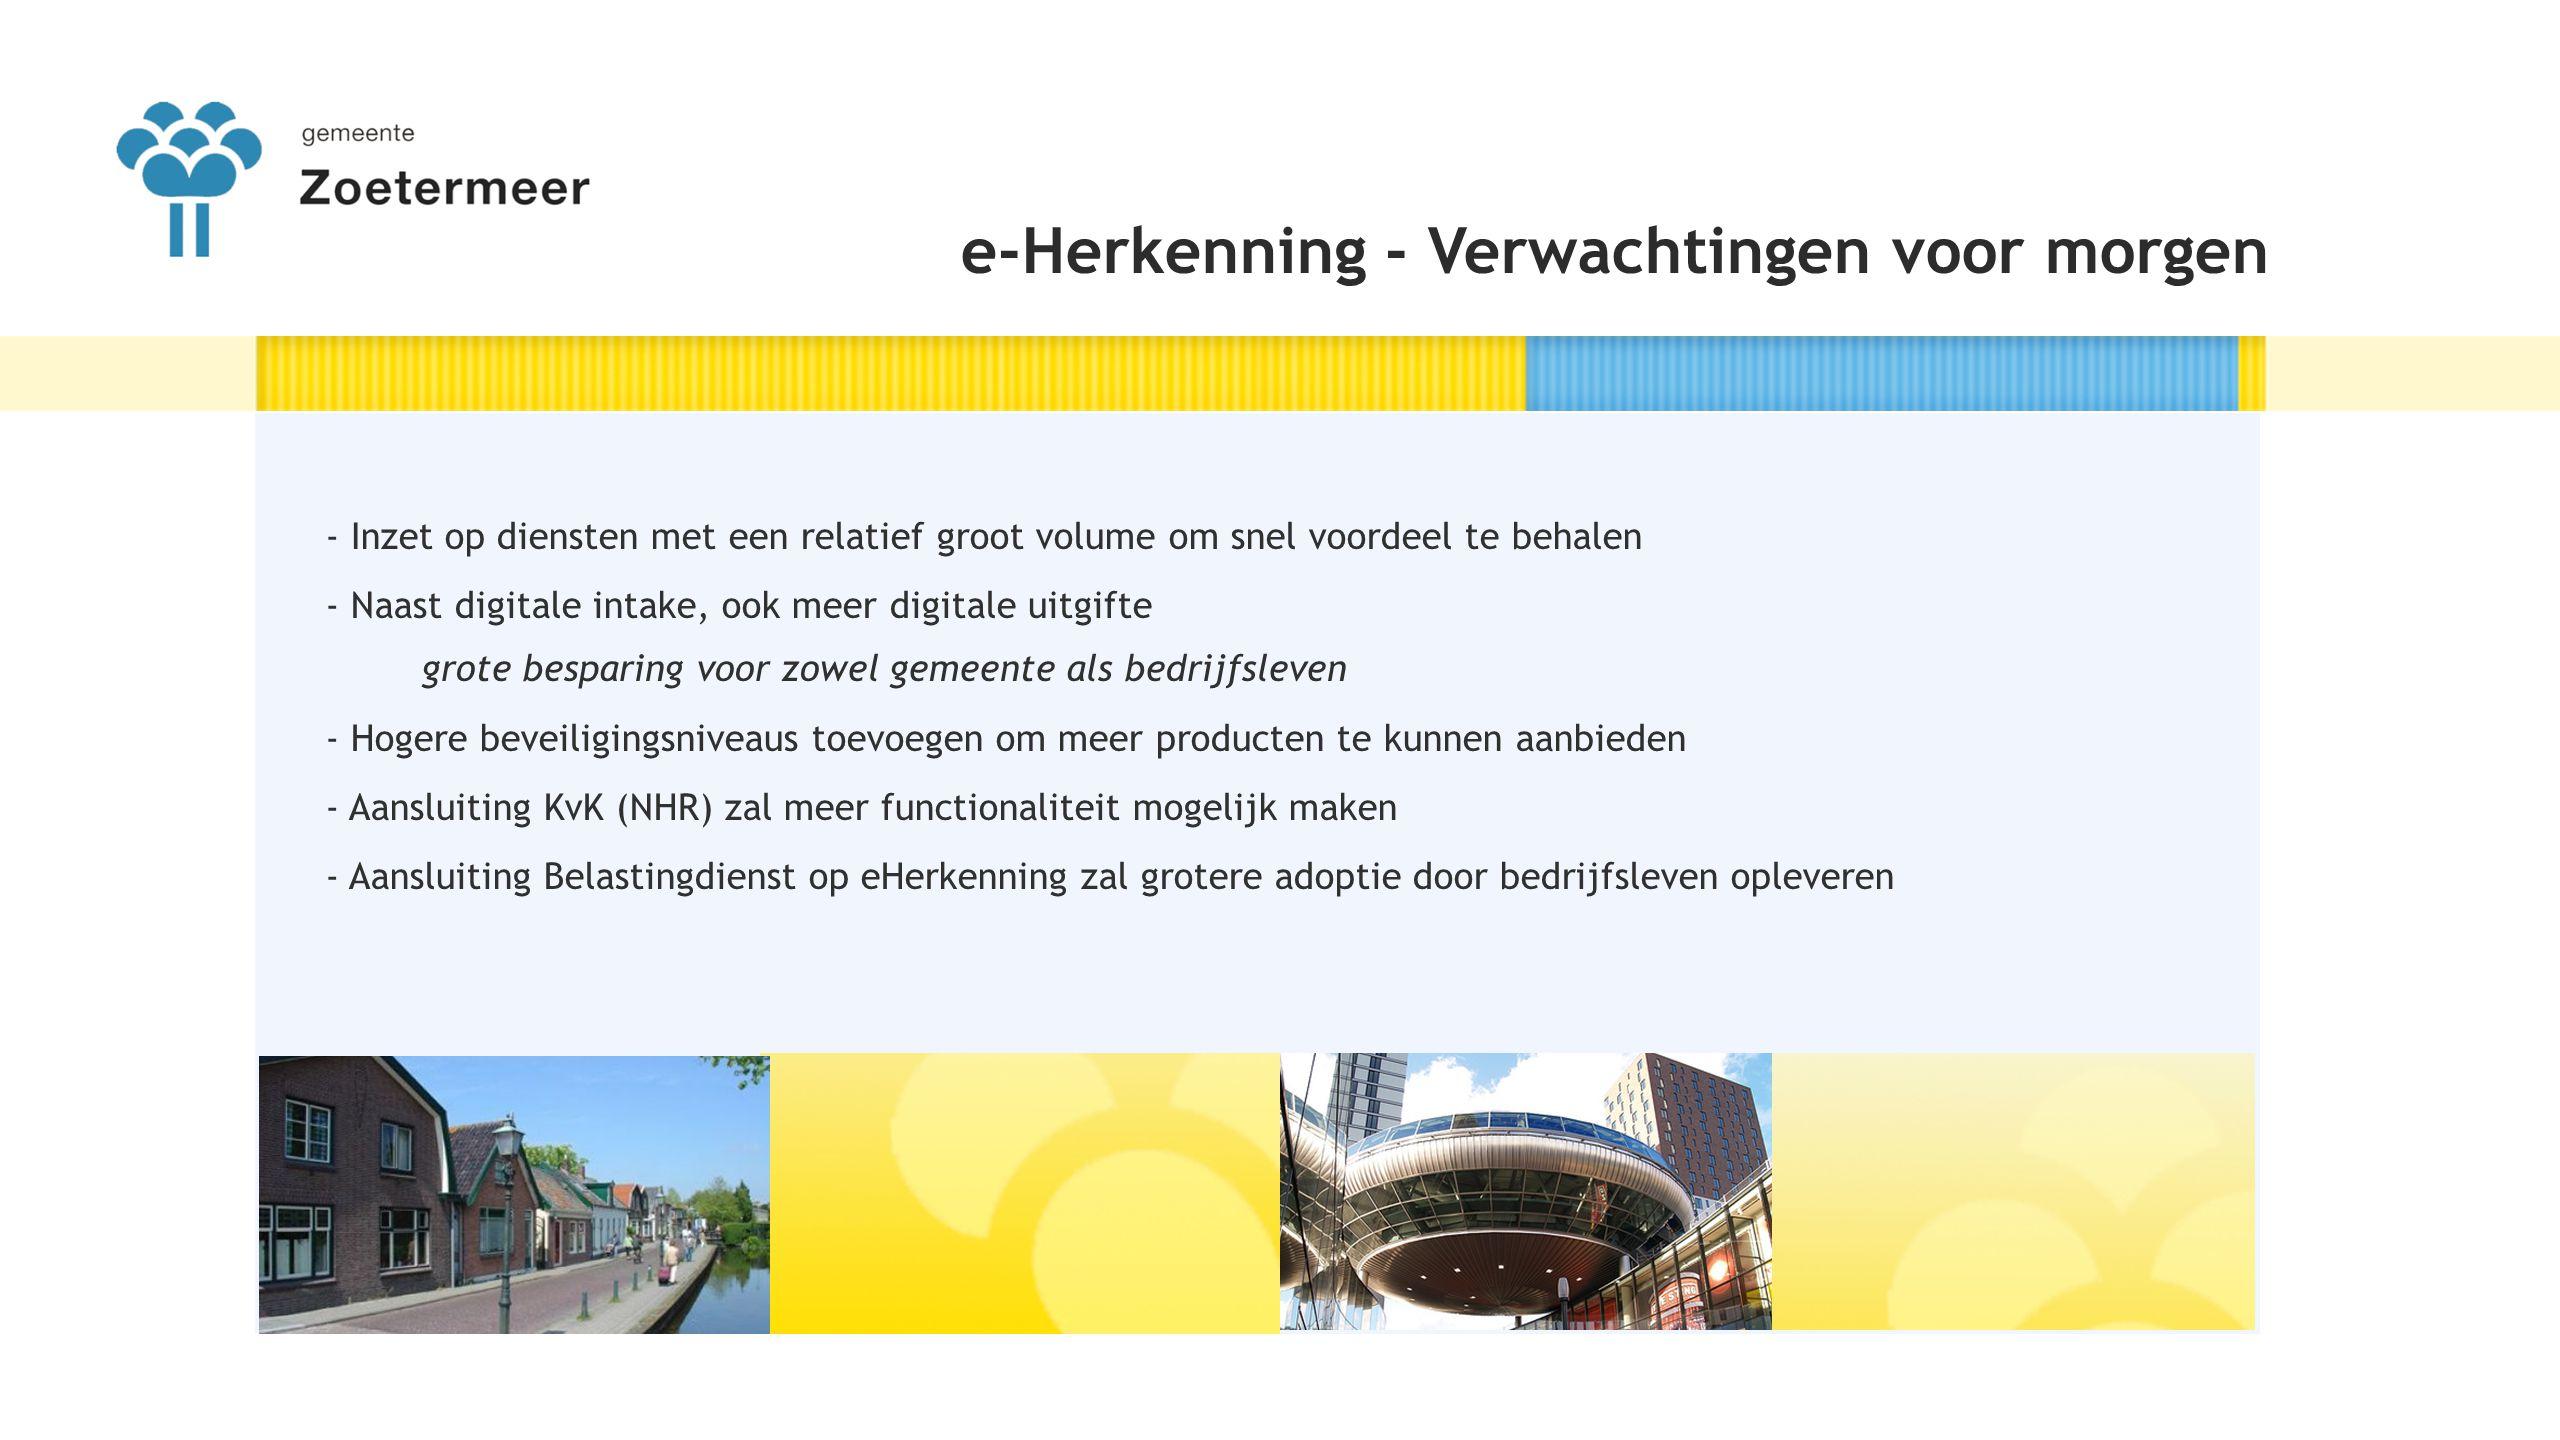 eHerkenning meer onder de aandacht brengen van ondernemers - Zoetermeerse ondernemers benaderen, Meet&Greet, maar ook rechtstreeks - Vernieuwde digitale balie voor ondernemers en inzet sociale media (bijv.